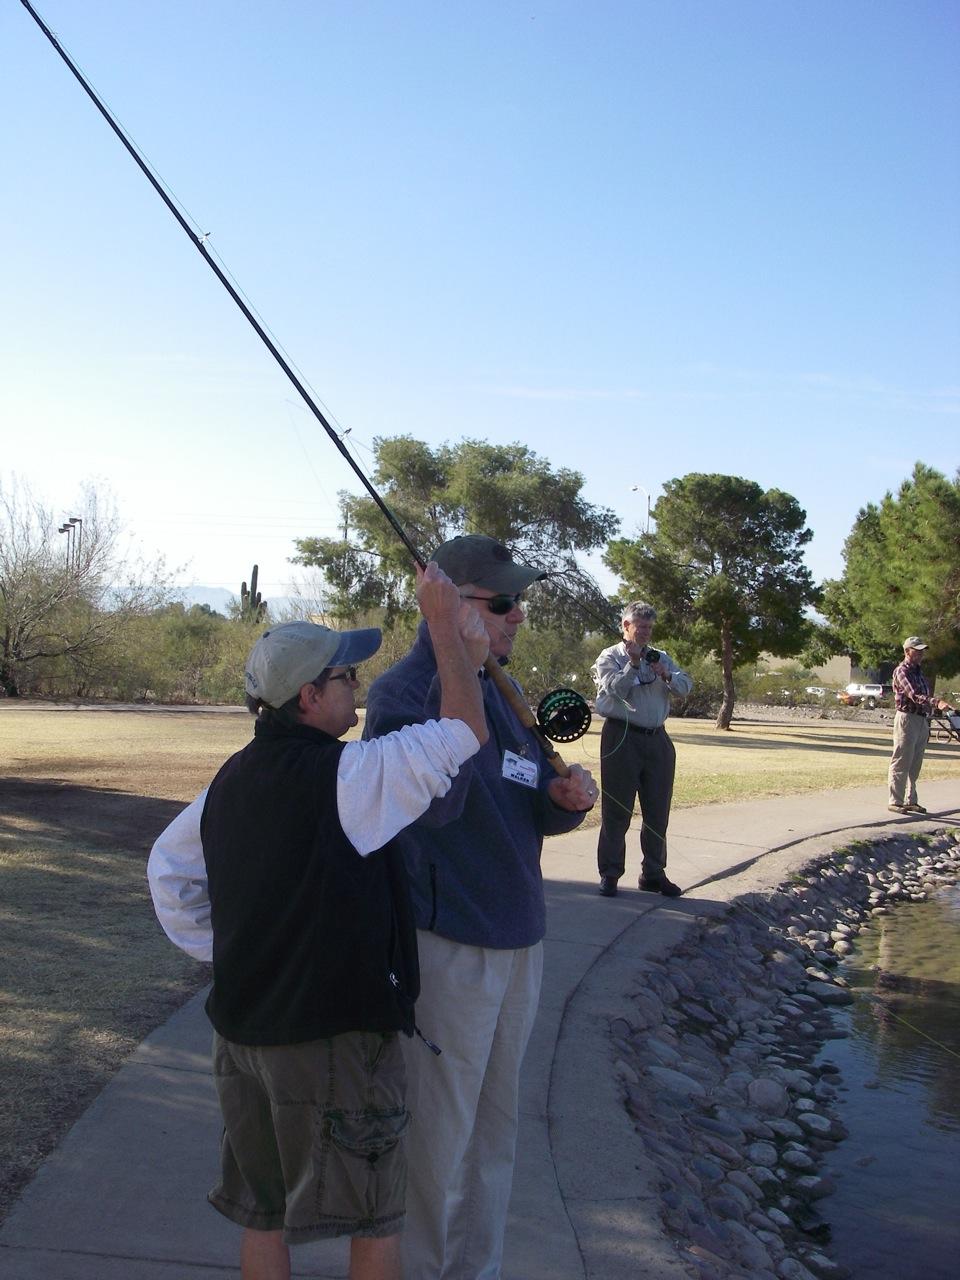 Phoenix fly casters fly fishing arizona arizona for Fishing in phoenix arizona